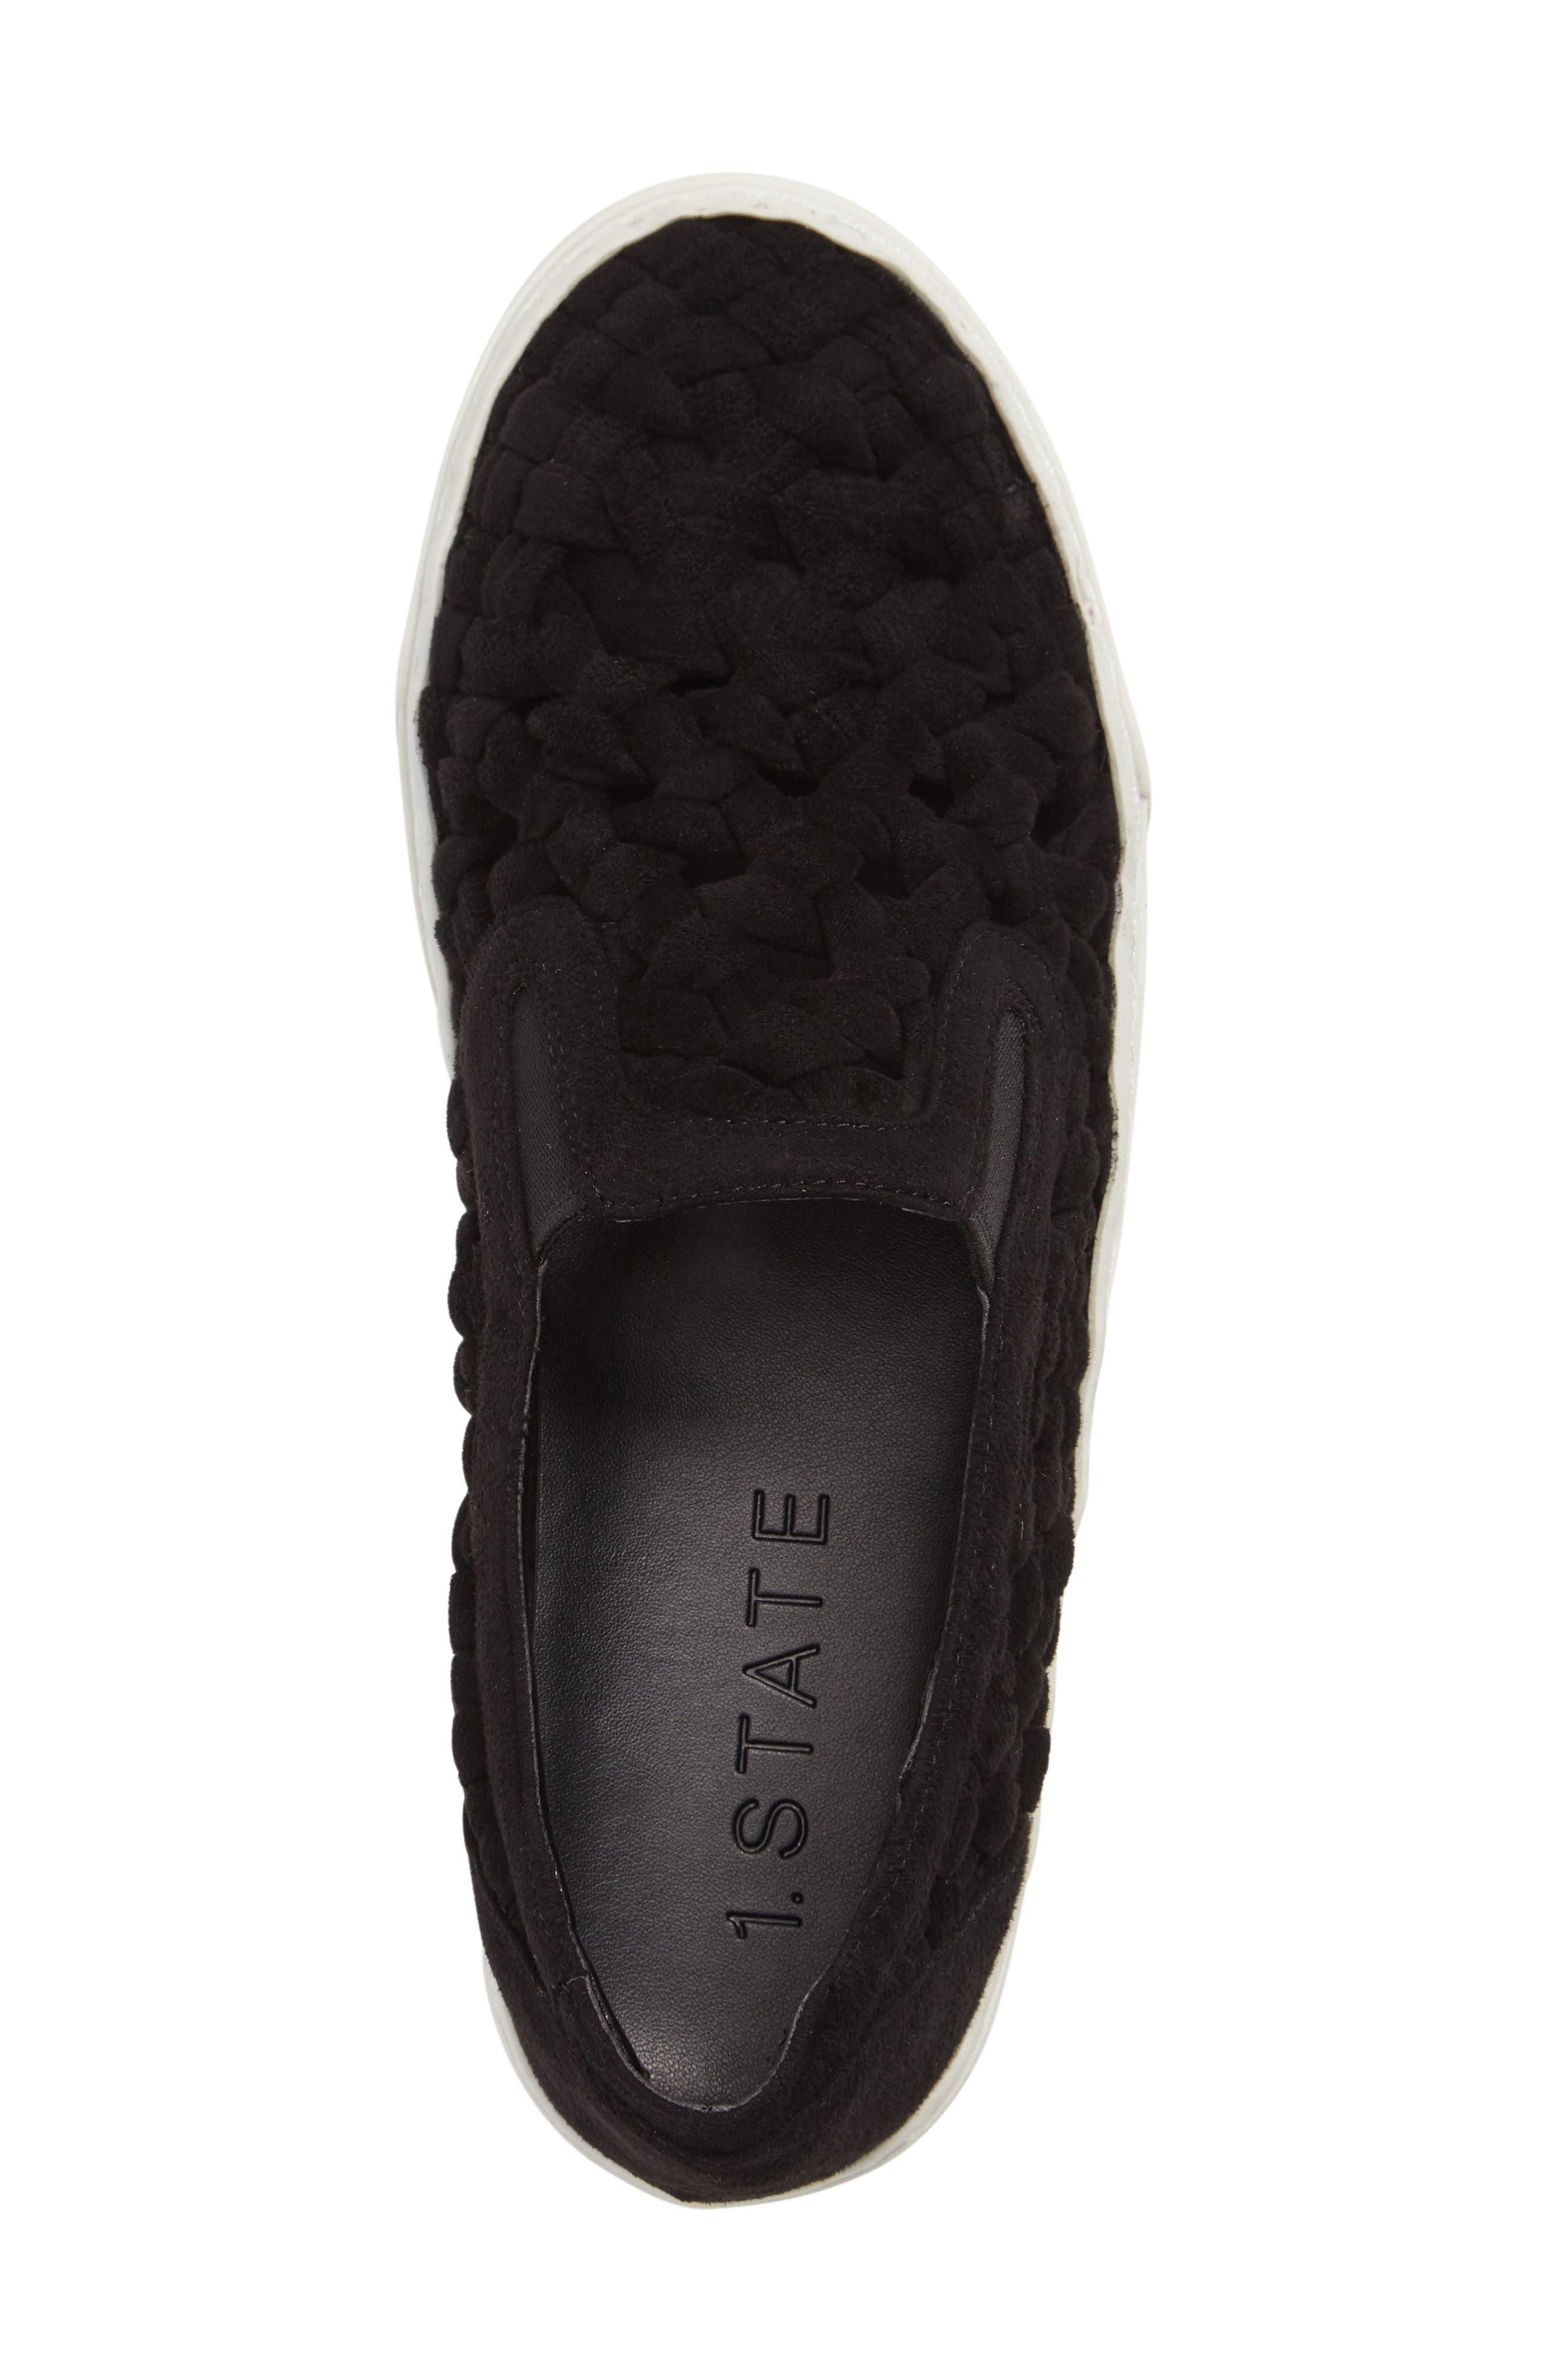 Delphin Braided Slip-On Sneaker,                             Alternate thumbnail 3, color,                             001